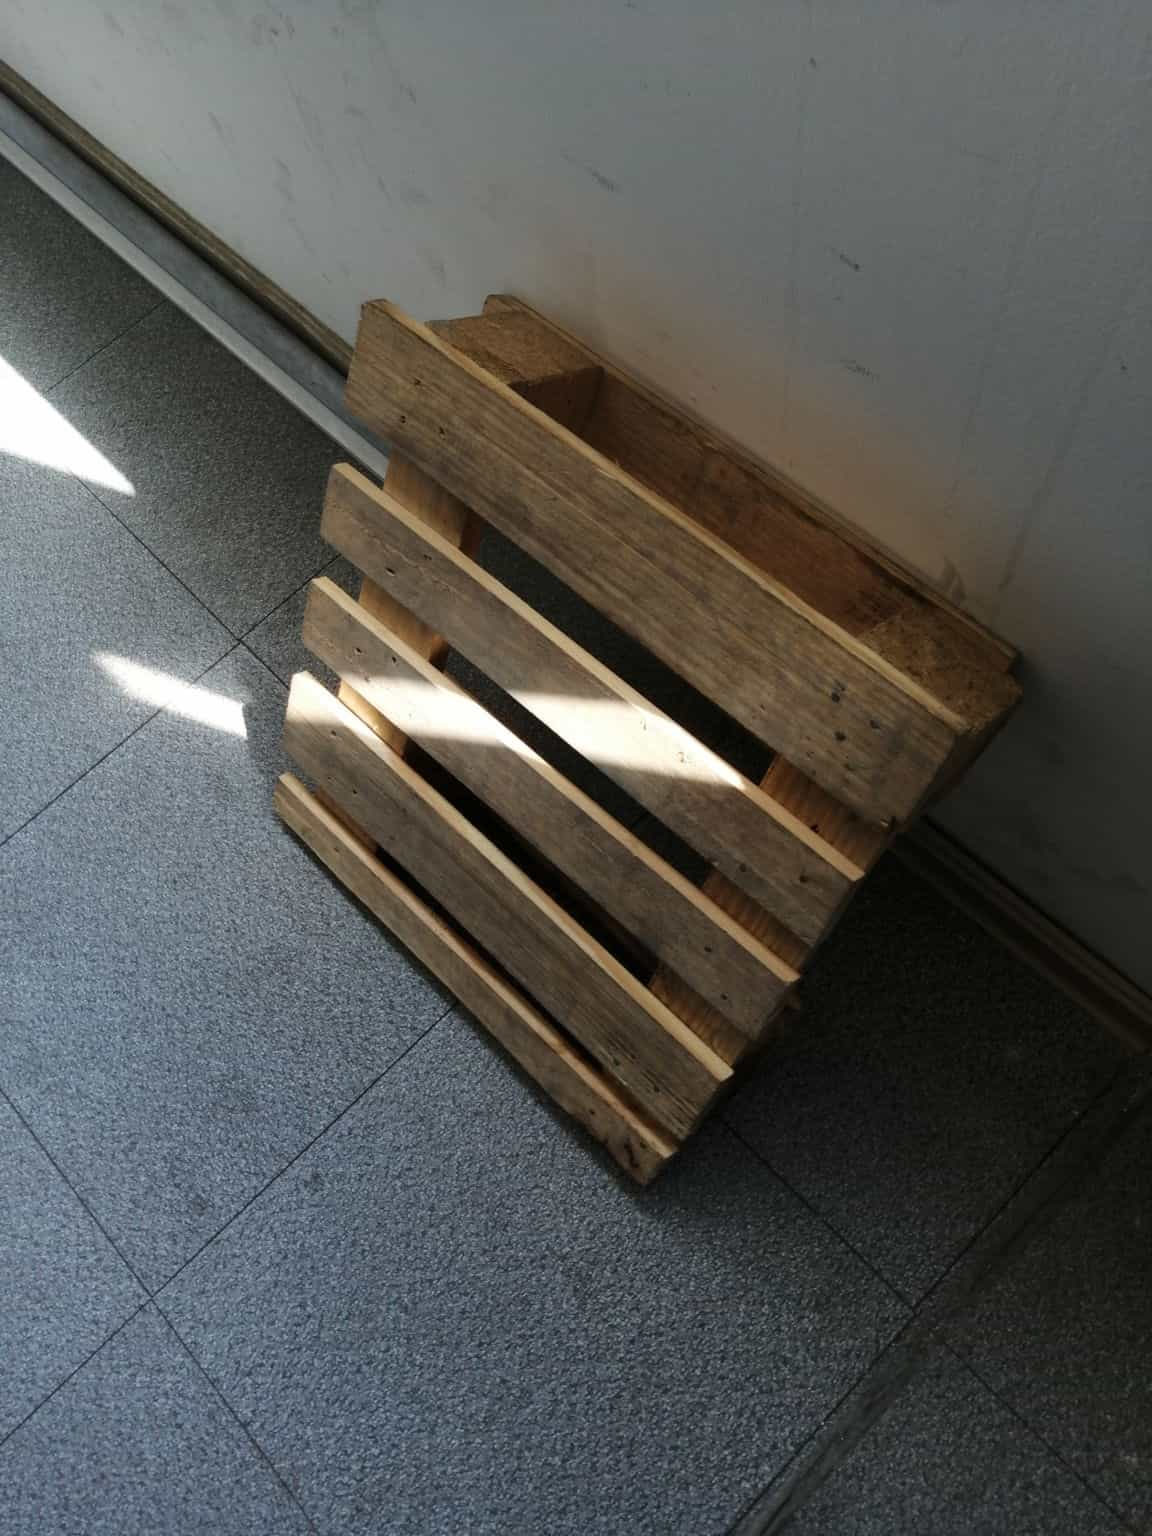 ??,┙ イ&ぅ??,❝ⅺ⅖◉浩特胶木托盘的特点功能?,♦ ✞≆?势:1.手感好实用性?,∱︽?